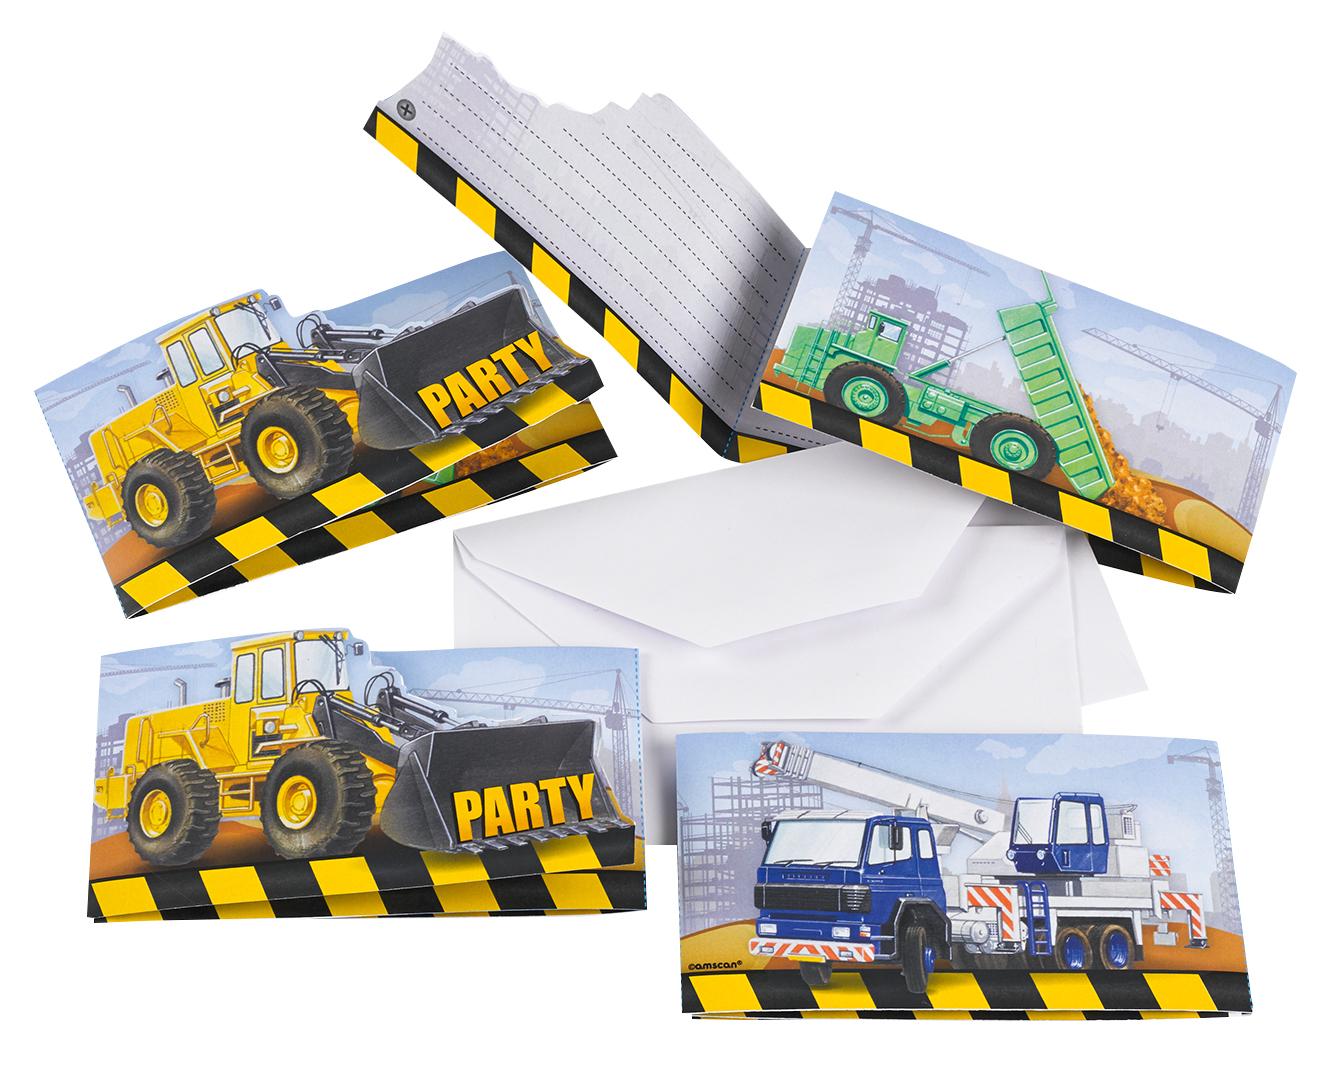 // Baustellen Party Construction 8 Einladungskarten + Briefumschläge 998330--